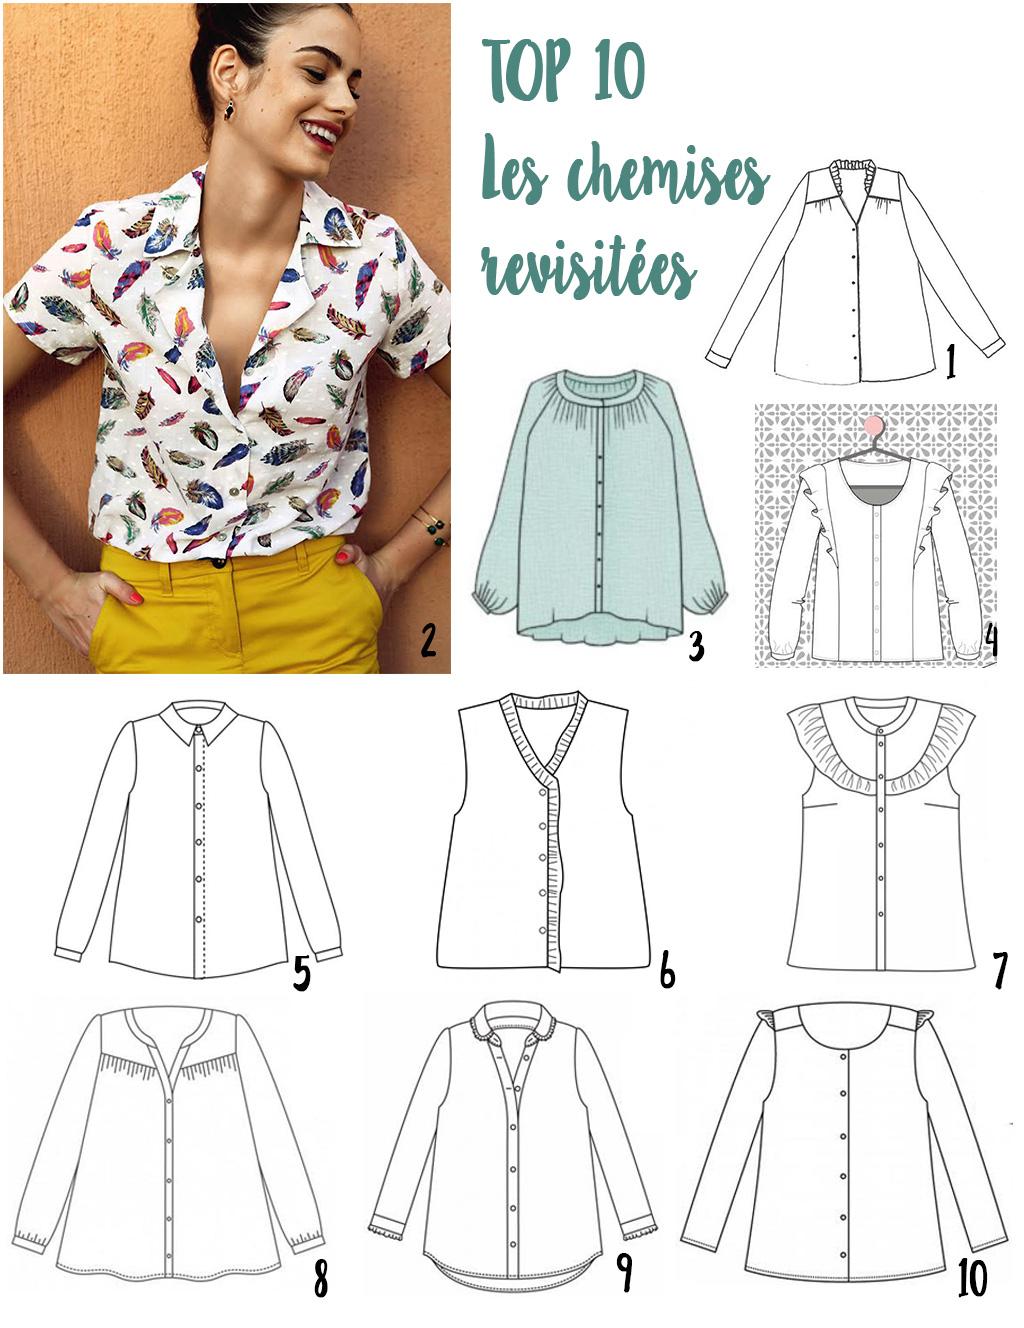 TOP-10-chemises